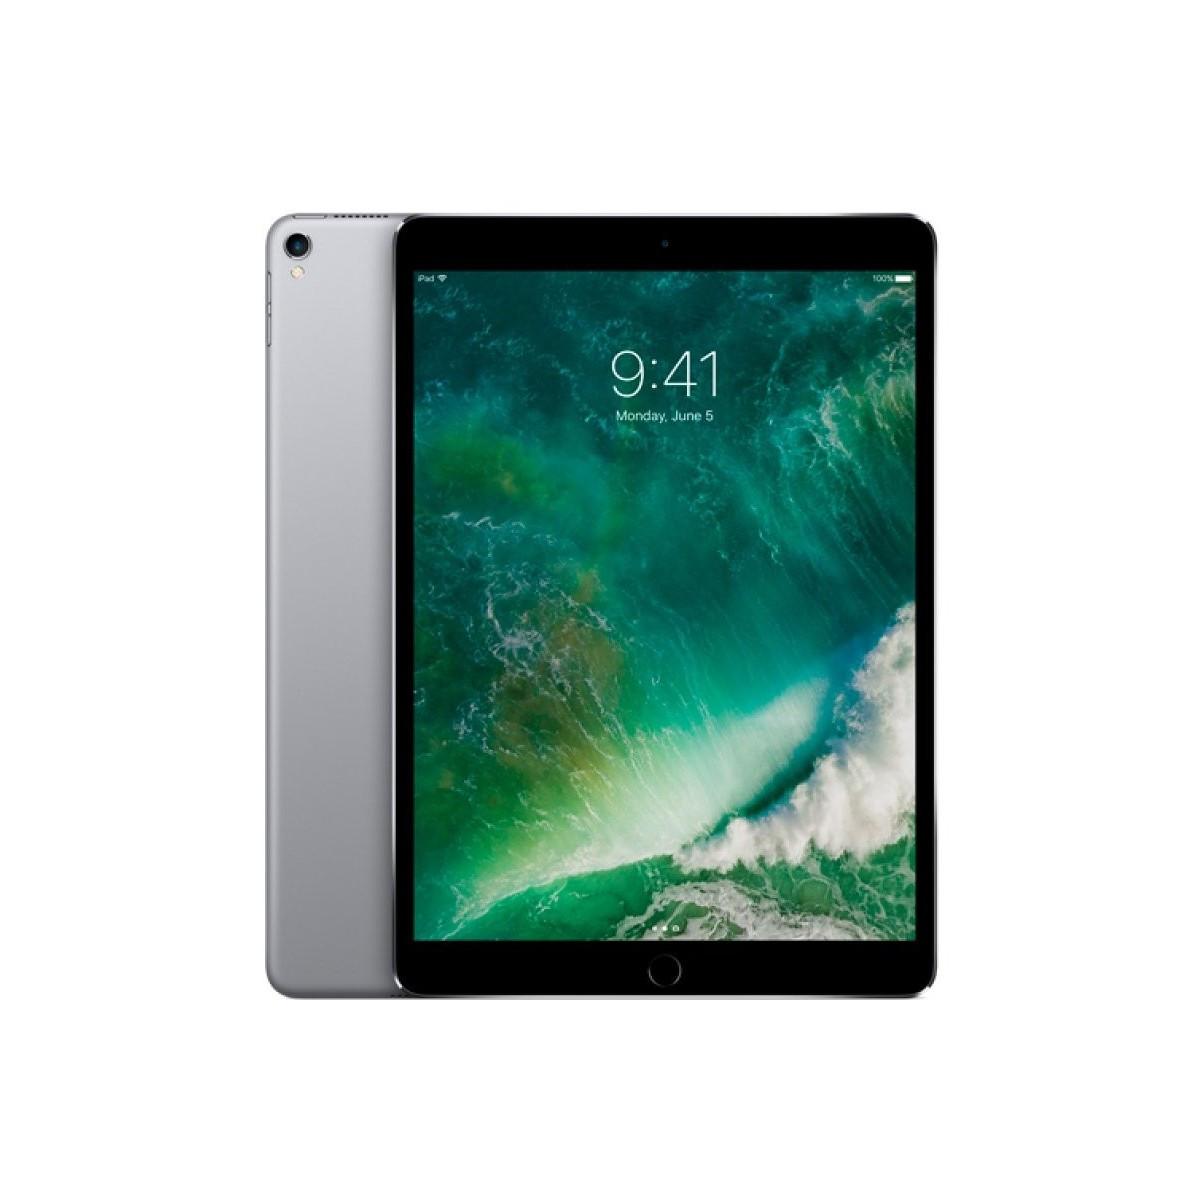 Apple iPad Pro 10.5 512Gb Wi-Fi+4G Space Gray (MPME2RK) 2017